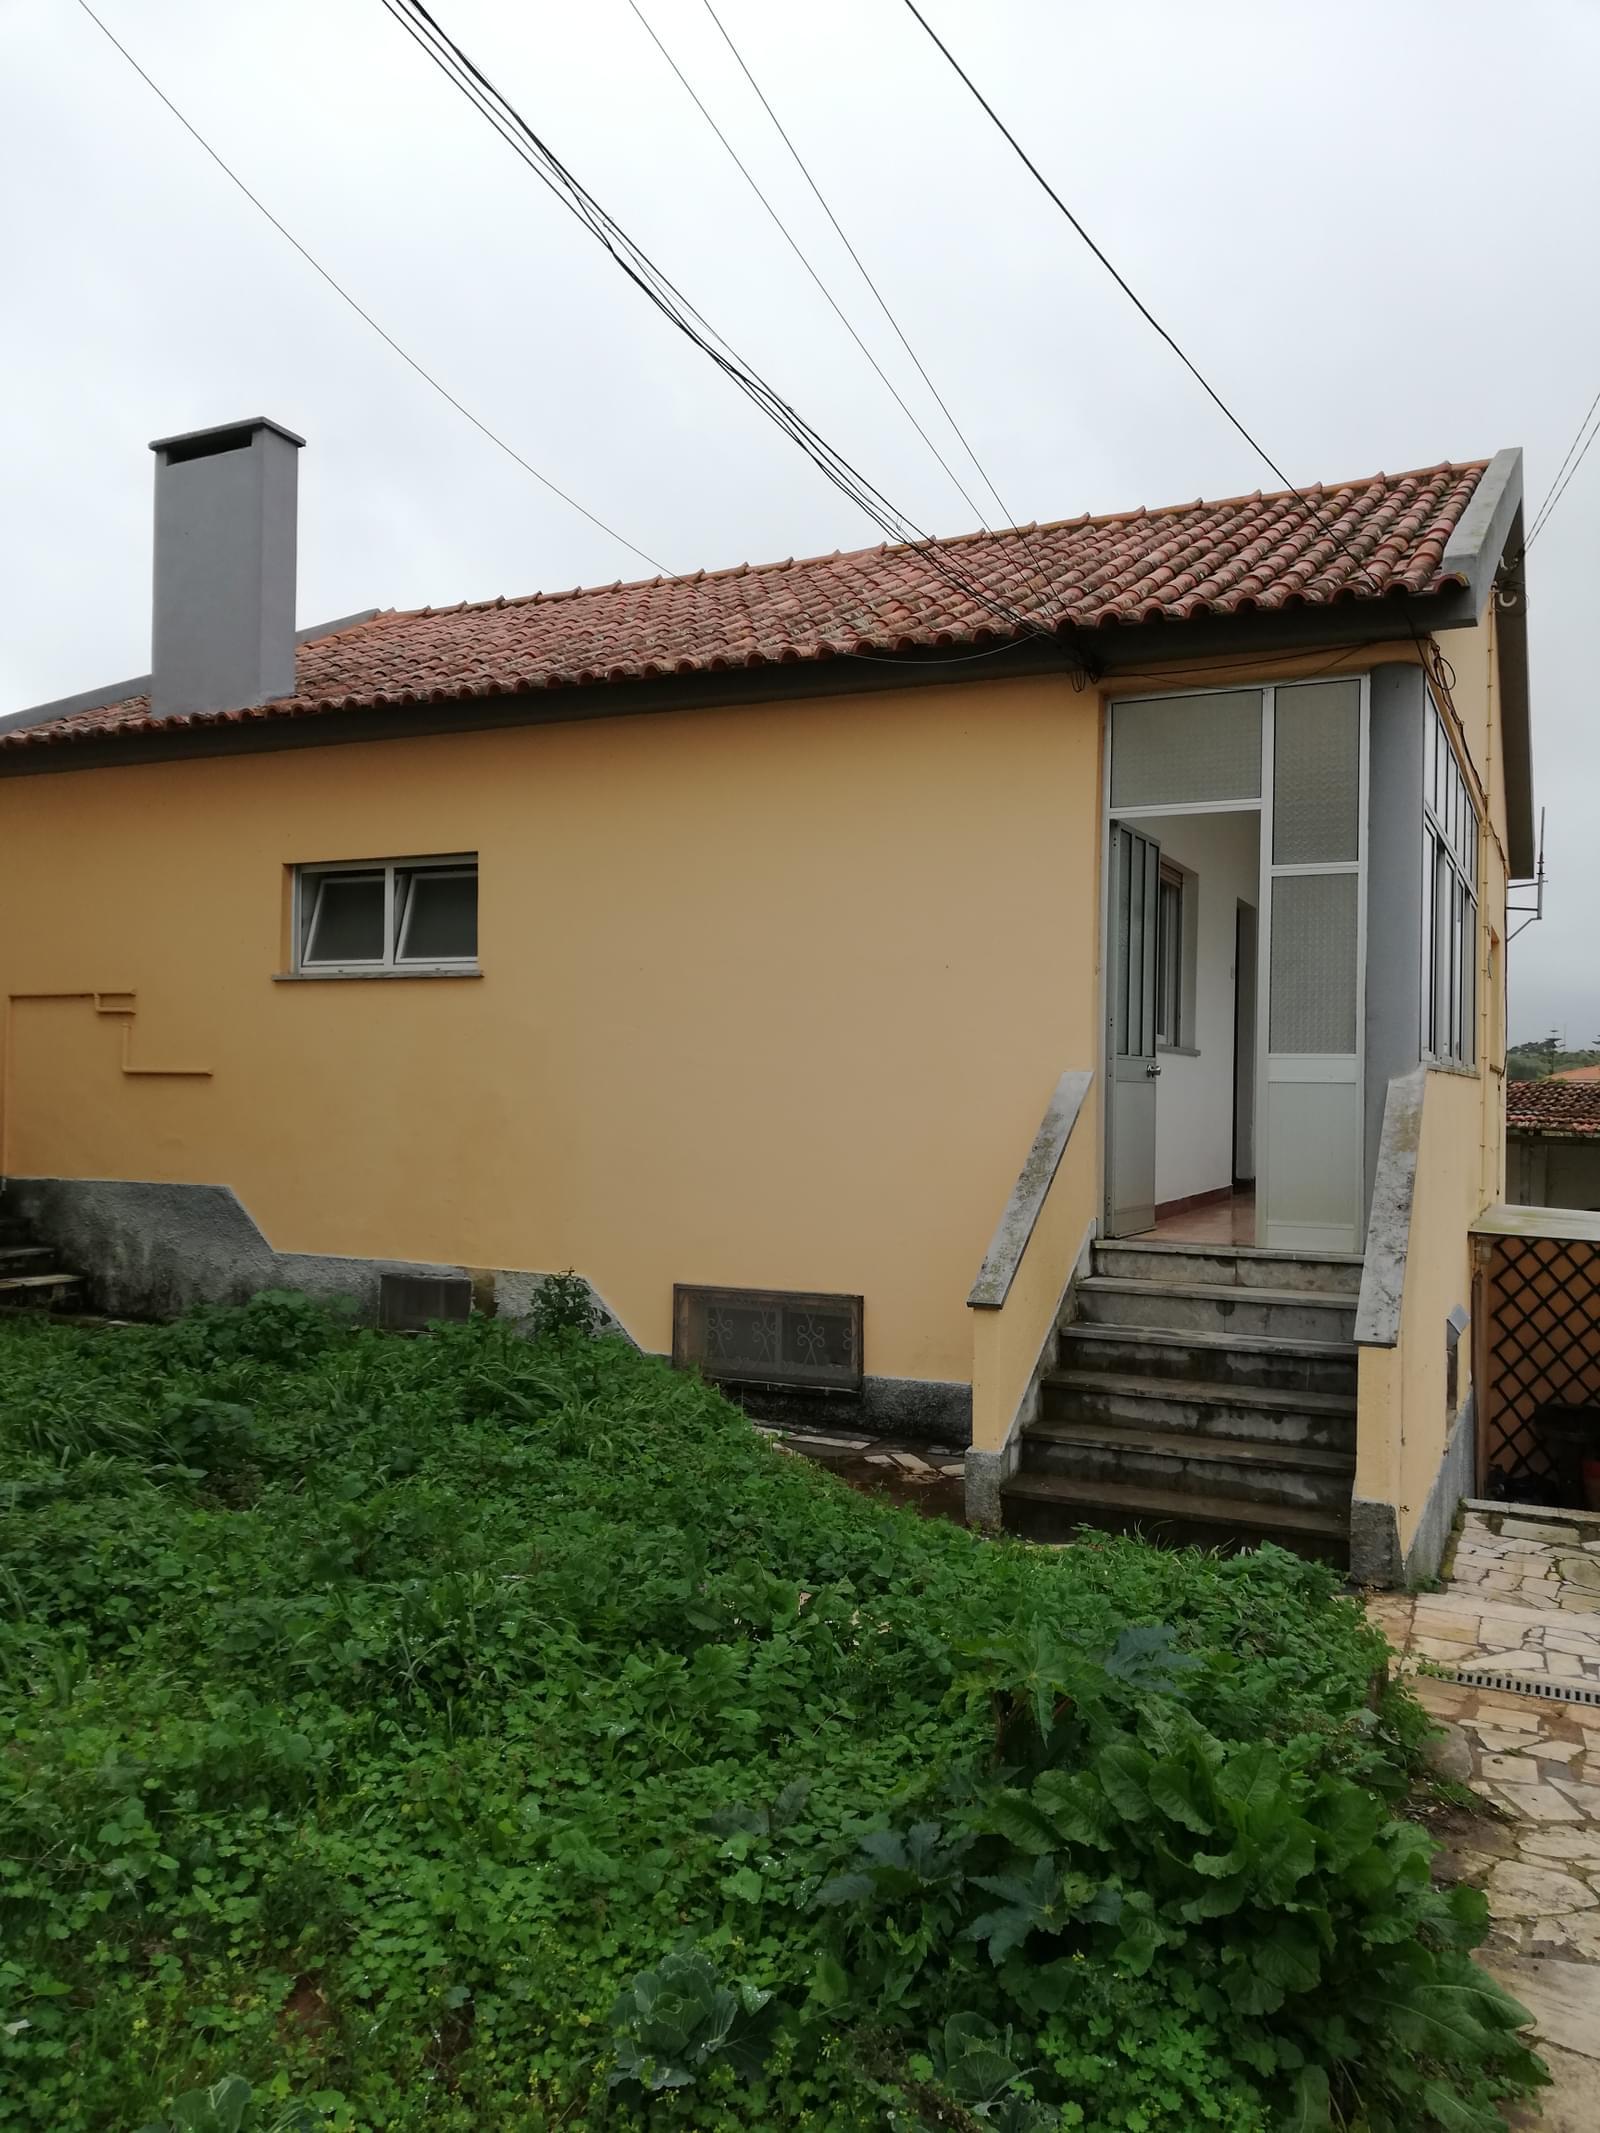 pf19207-apartamento-t2-cascais-0f0d48e2-ac55-4295-bd69-3ce476a675ec